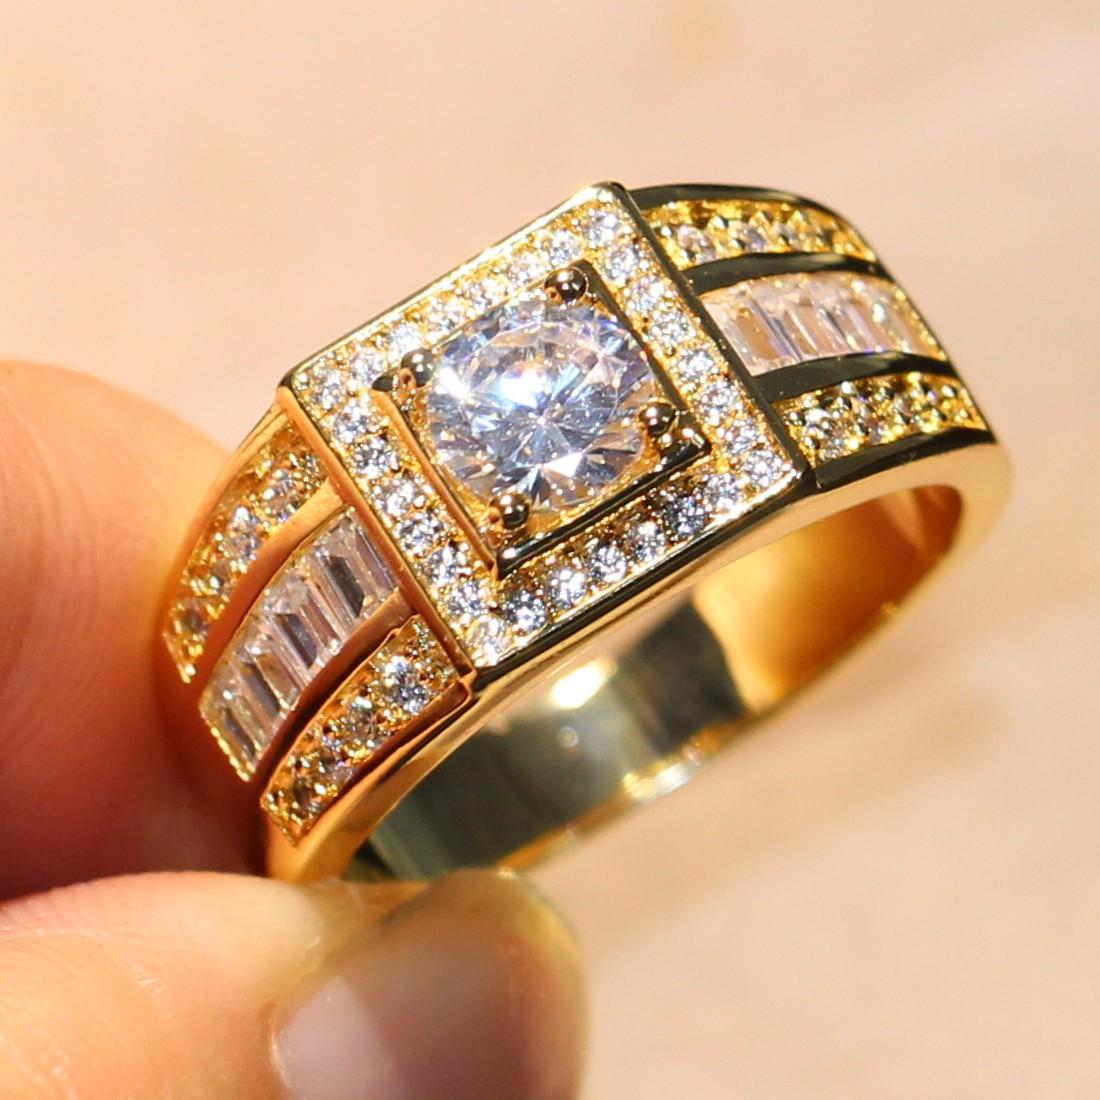 Stunning gioielli di lusso fatti a mano originale 10KT oro giallo riempito rotondo bianco topazio diamante della cz pietre preziose uomini wedding band anello gli amanti